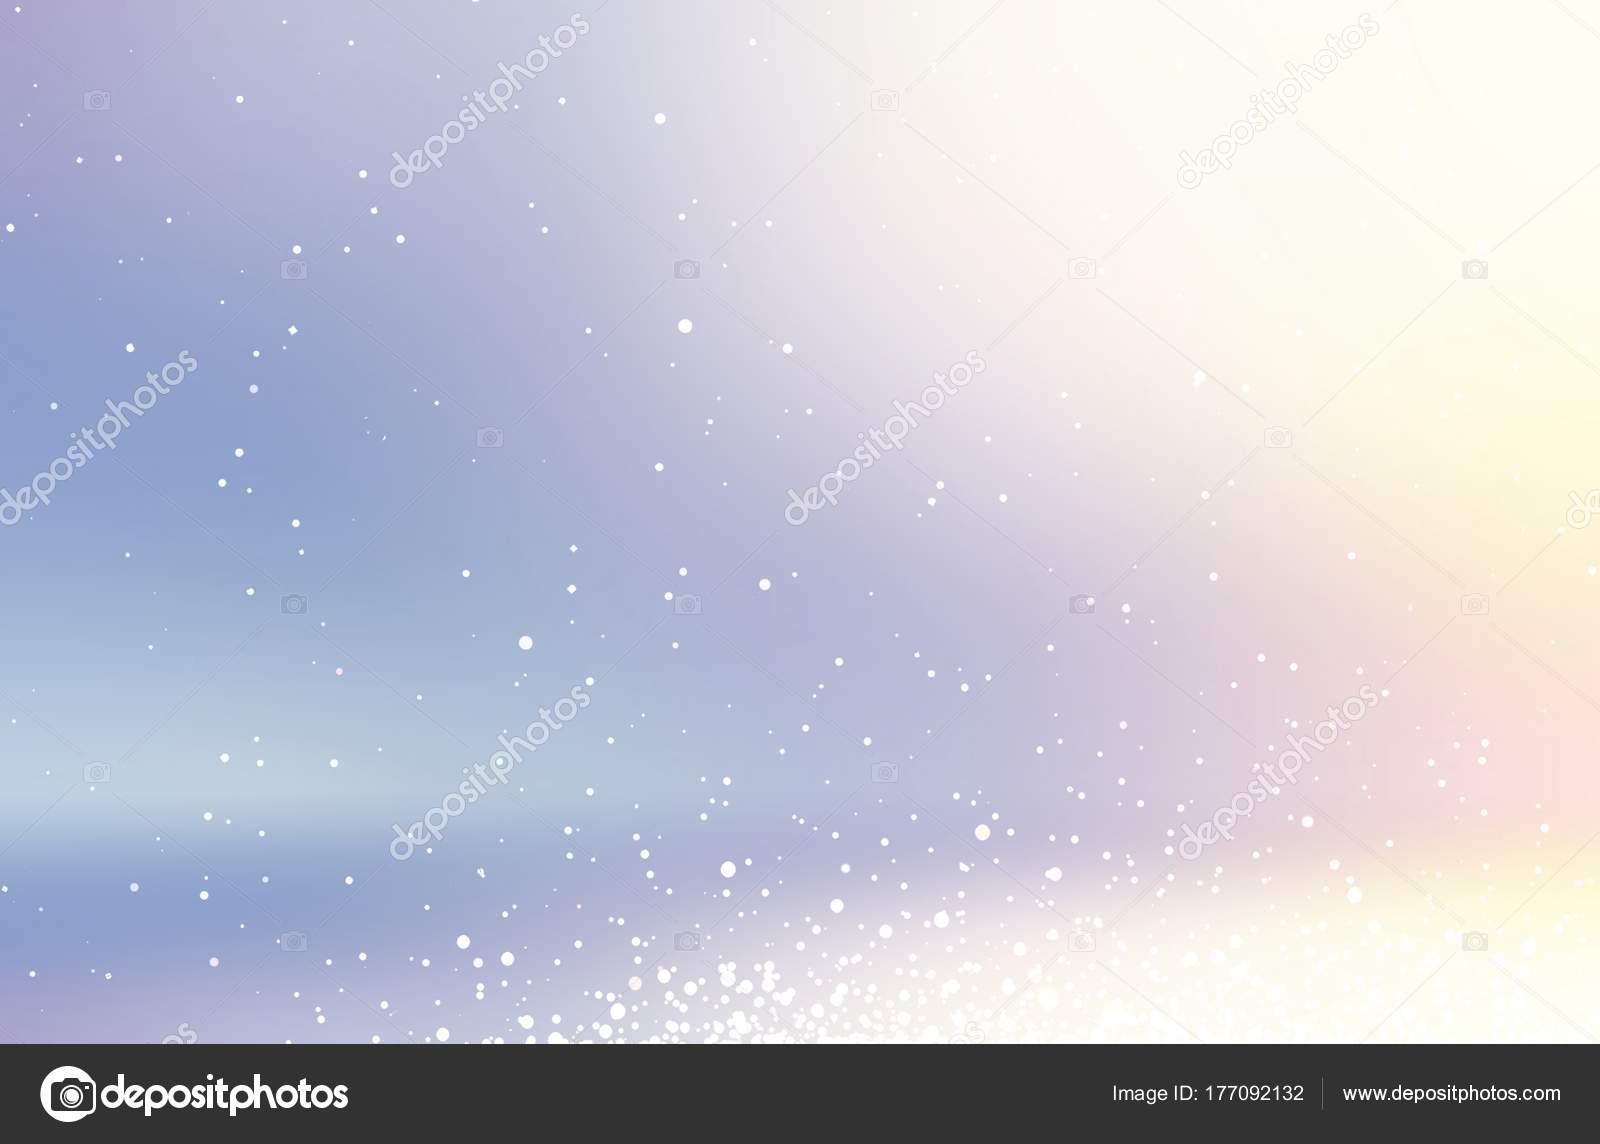 積雪抽象的な イラスト 冬の空の背景 虹色多重空間 休日の装飾を輝き 紫